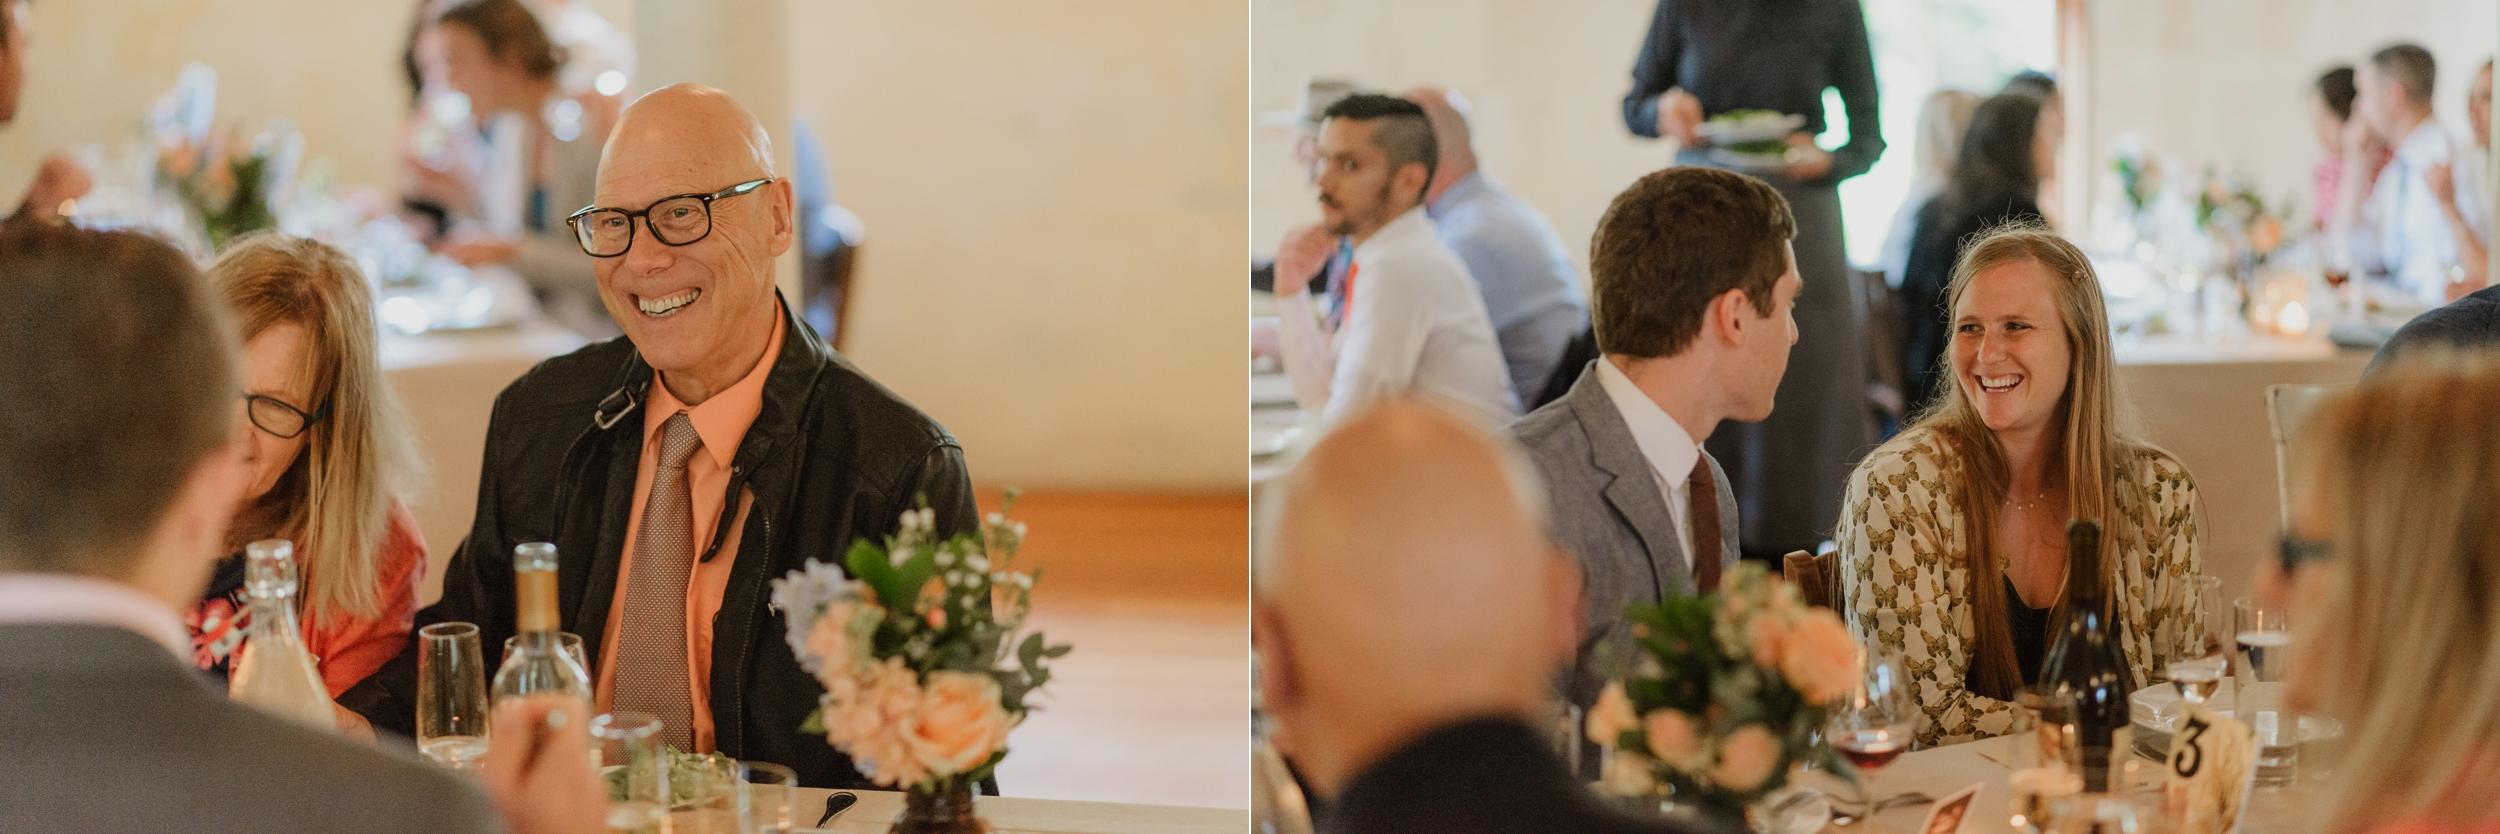 094-san-francisco-headlands-center-for-the-arts-wedding-vivianchen-513_WEB.jpg